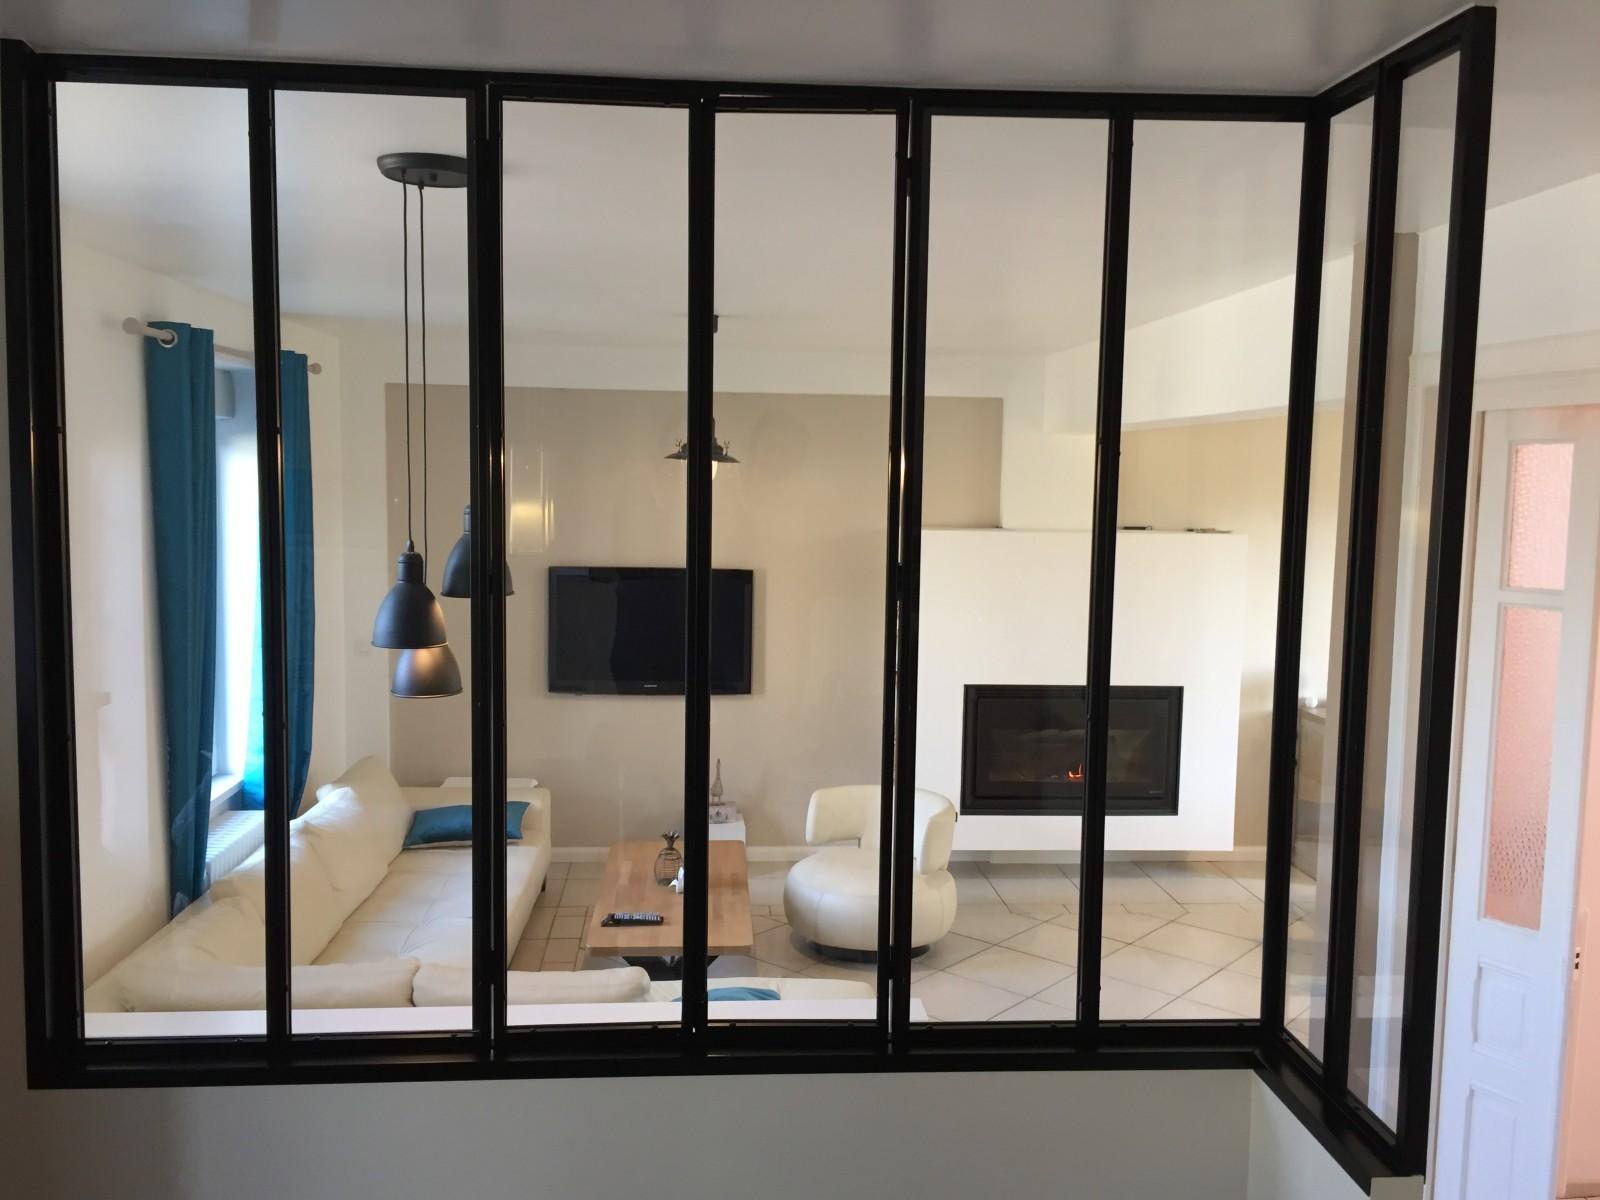 2pl verri re acier style atelier d 39 artiste ou cloison vitr e for Verriere cloison vitree